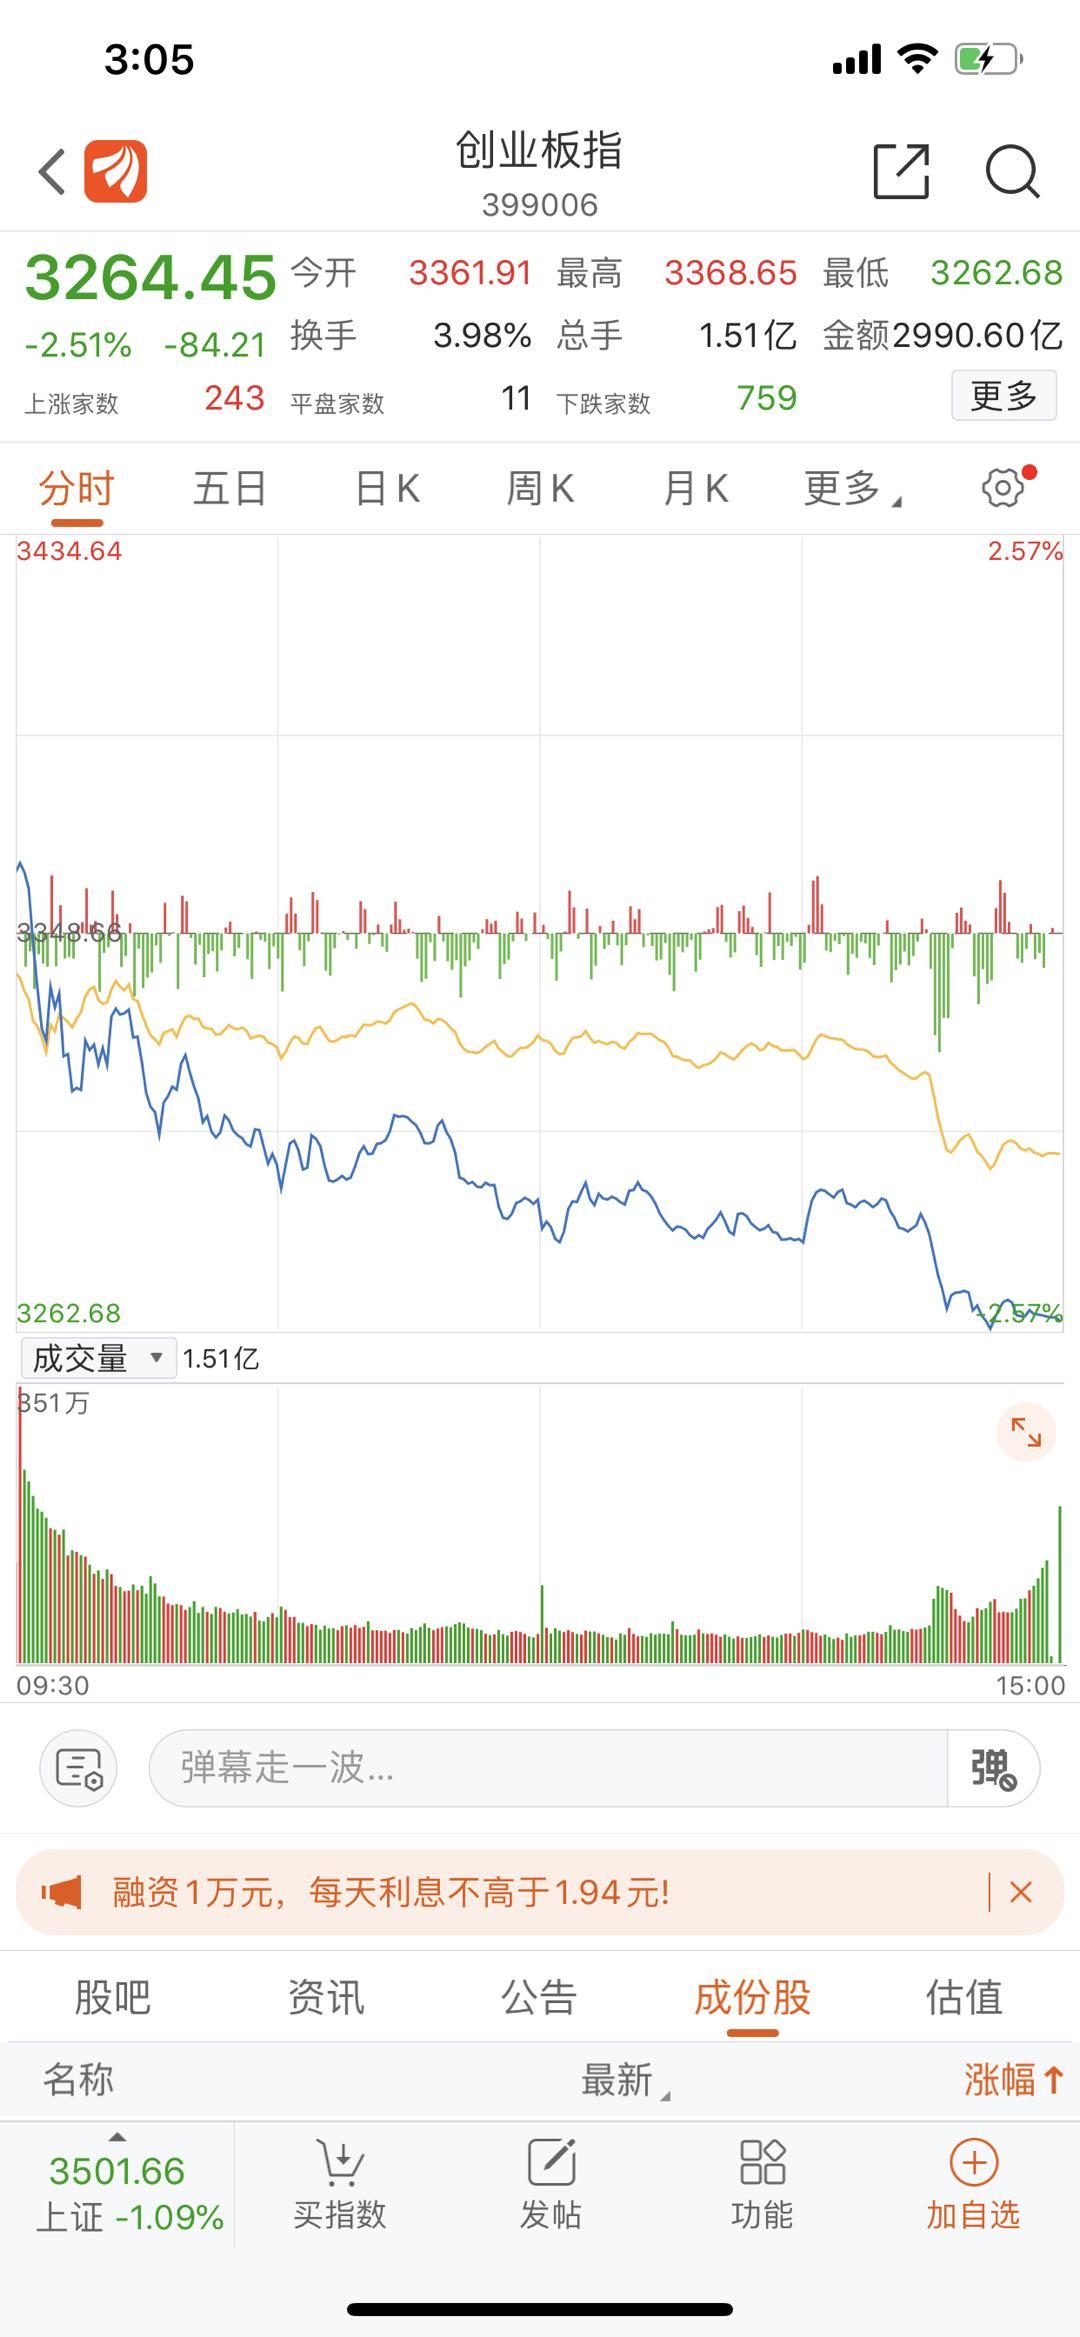 收评:两市尾盘跳水杀跌,创业板跌超2%